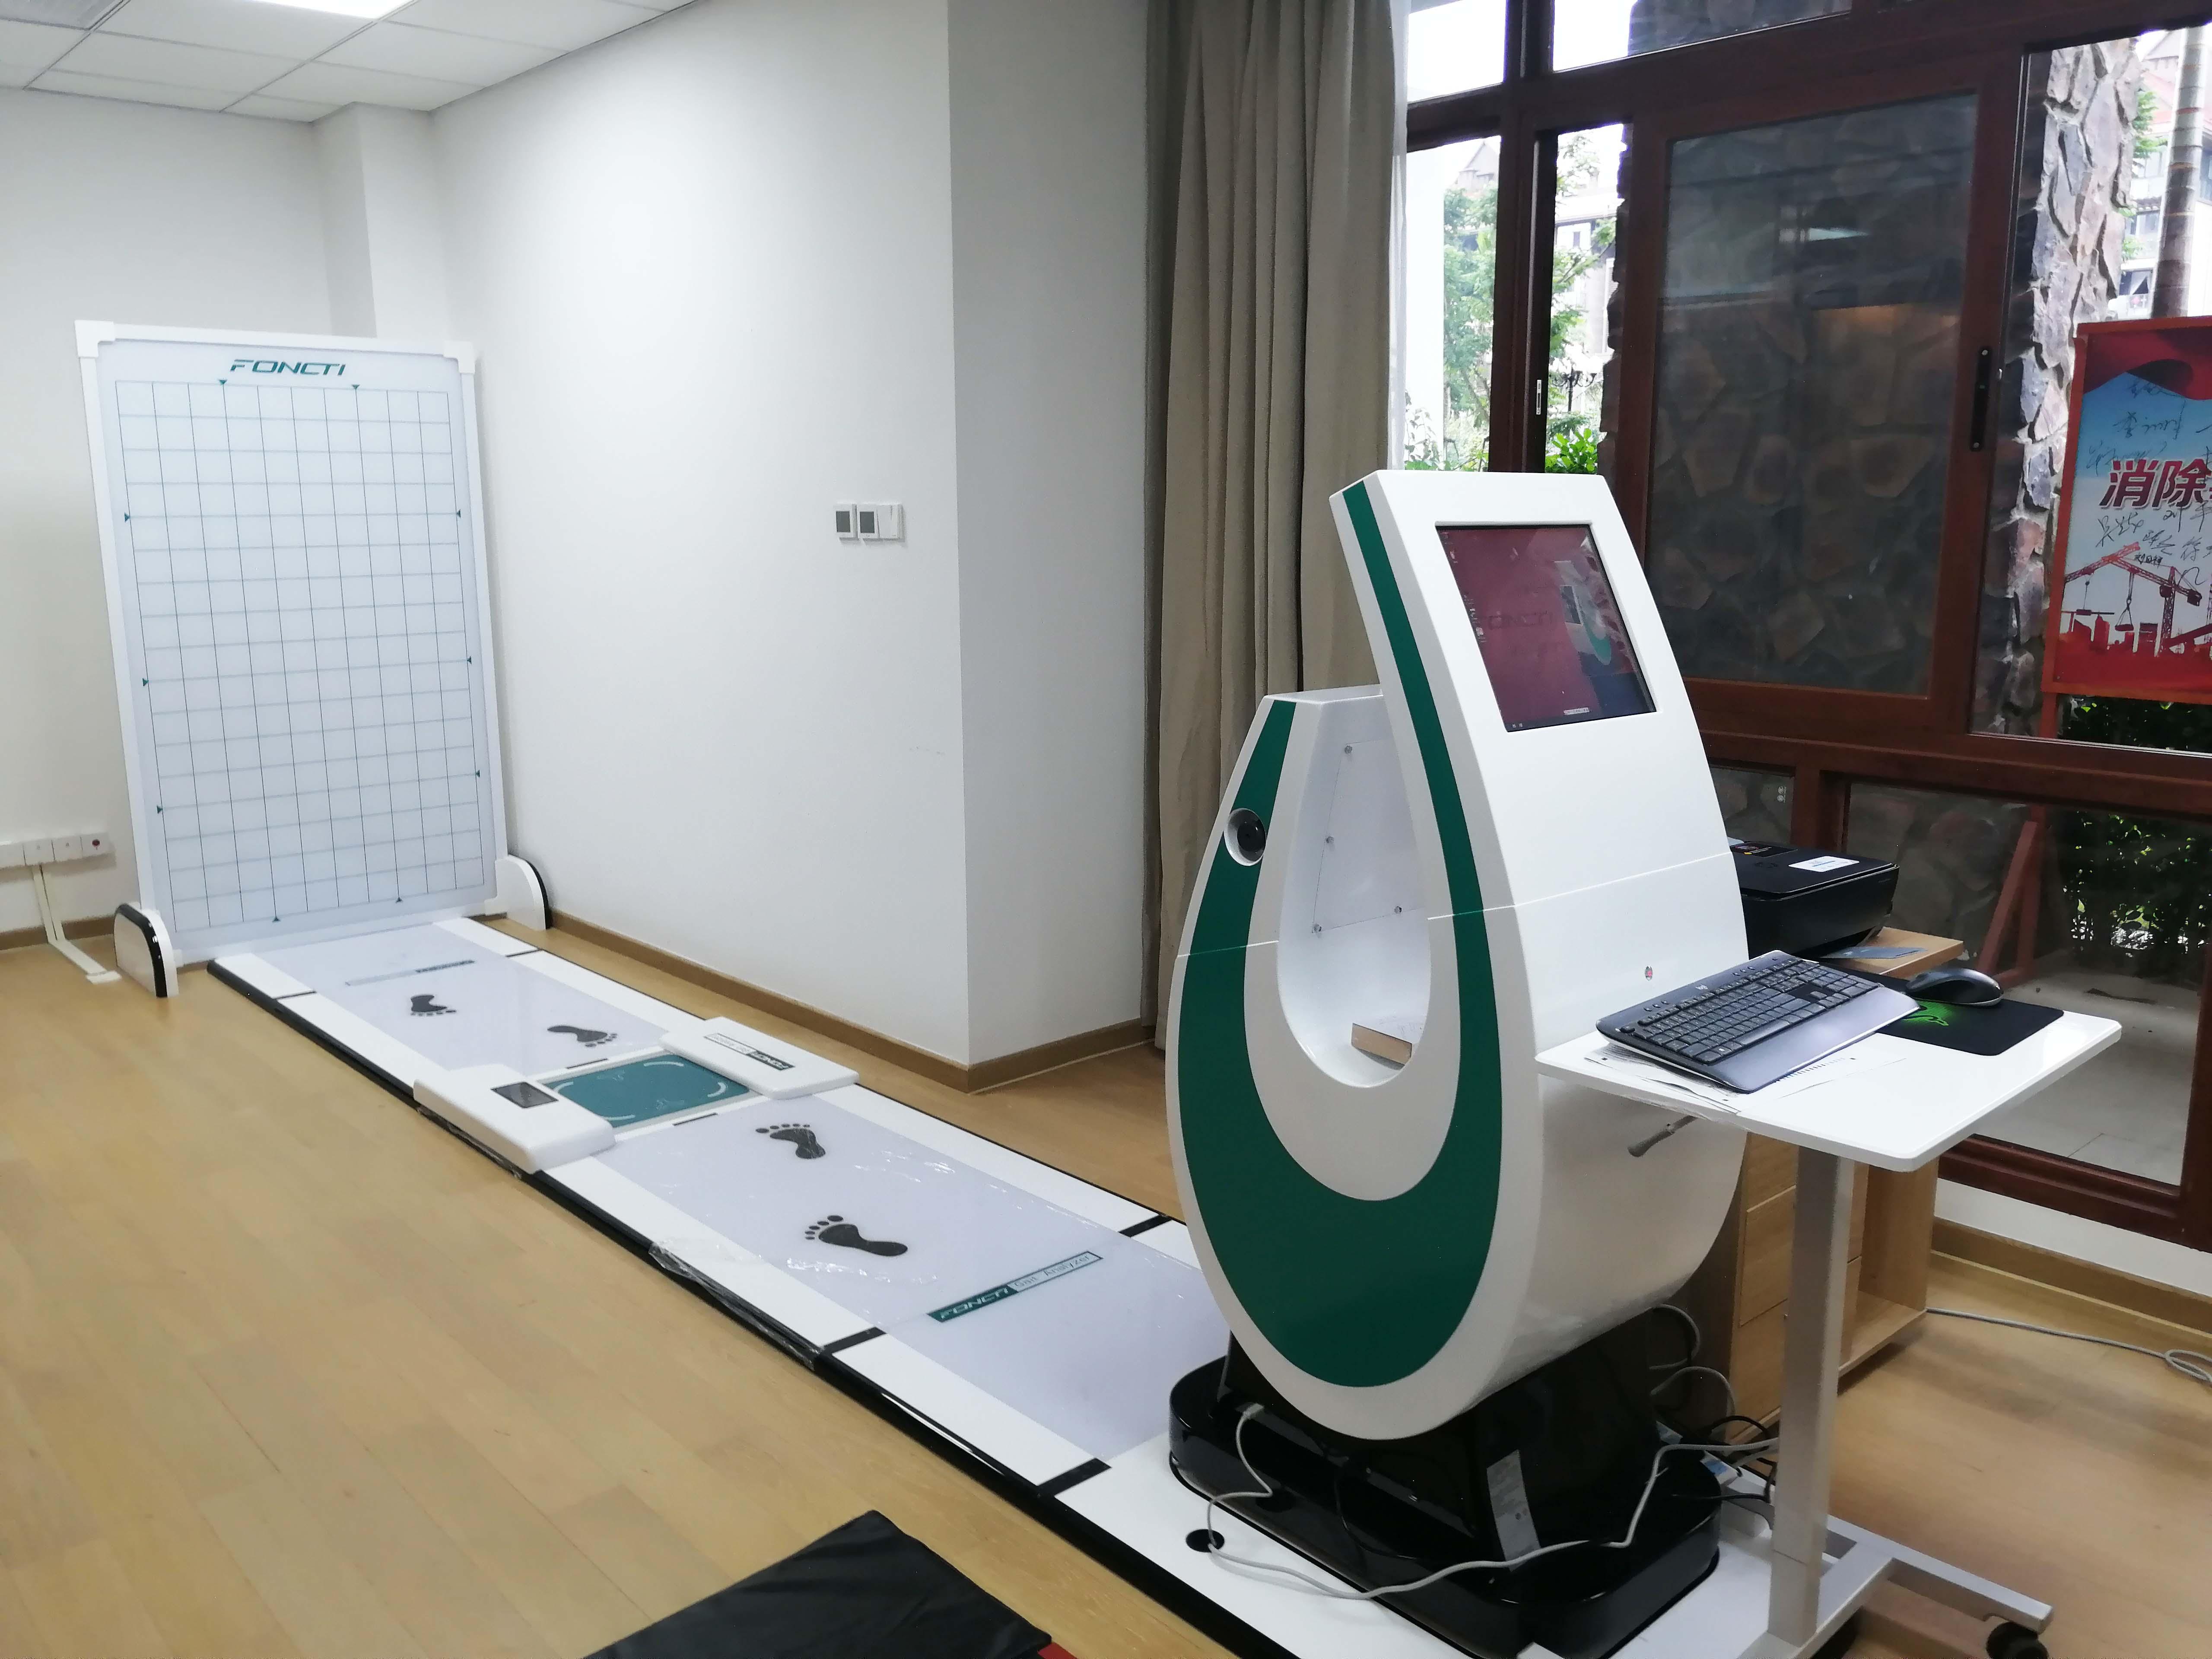 鸿泰盛步态分析系统进驻三亚健康管理中心